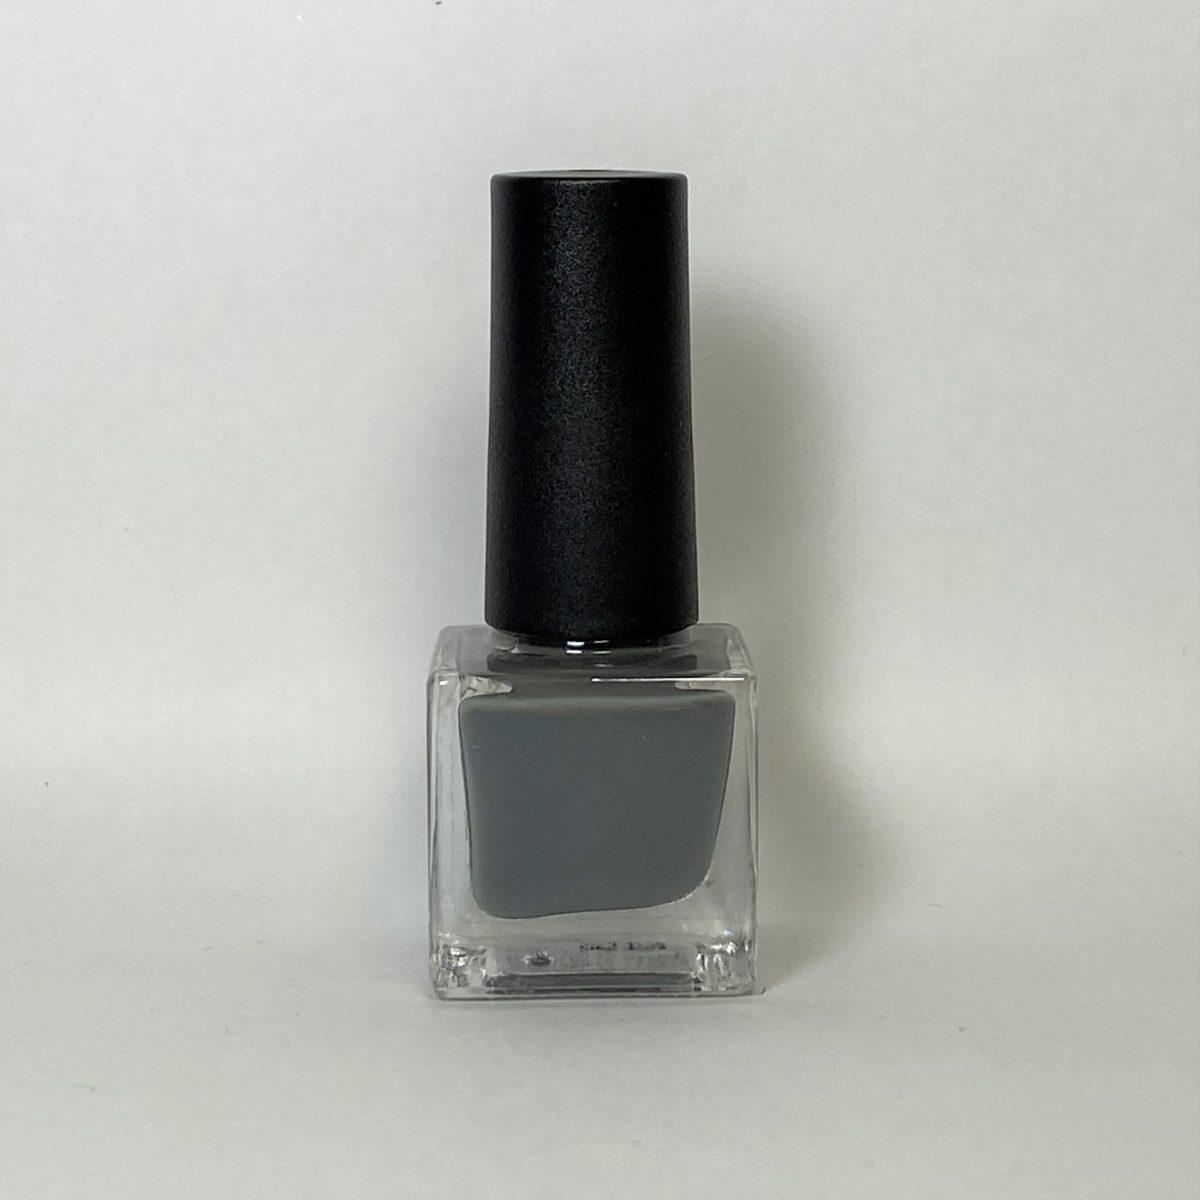 ネイルポリッシュ C02 Gray